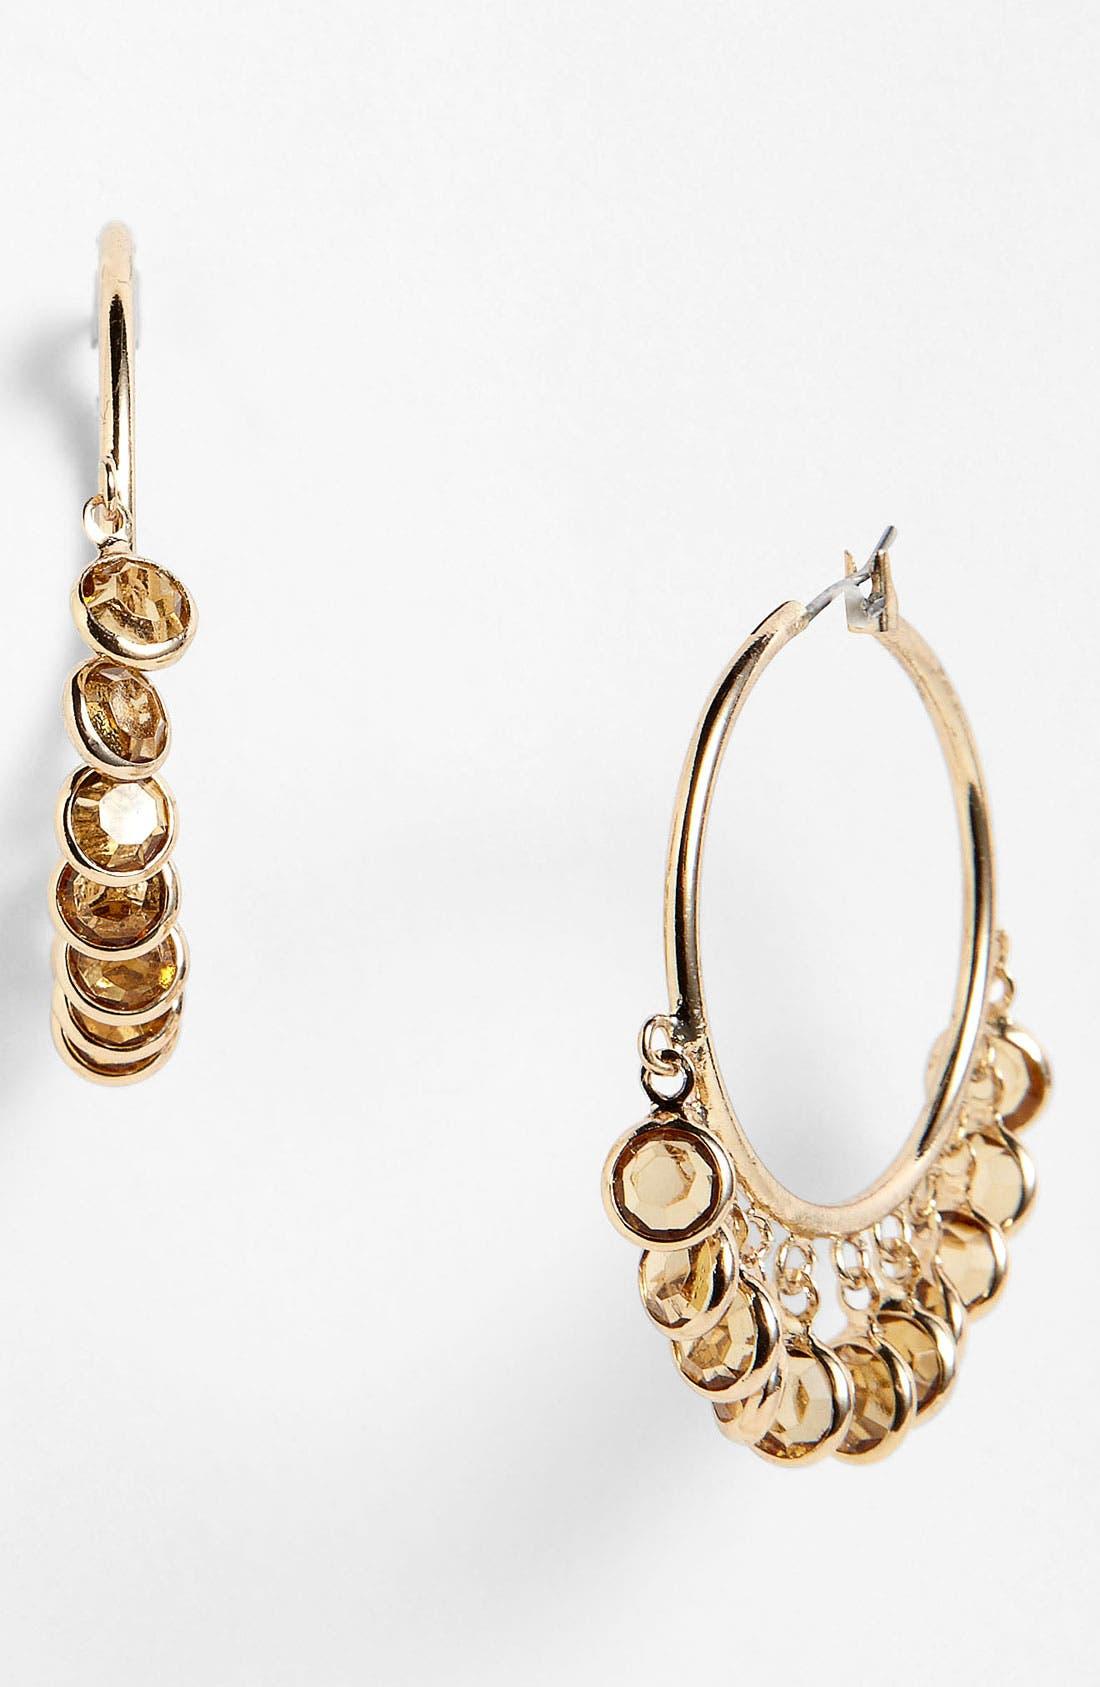 Alternate Image 1 Selected - Anne Klein 'Beacon' Hoop Earrings